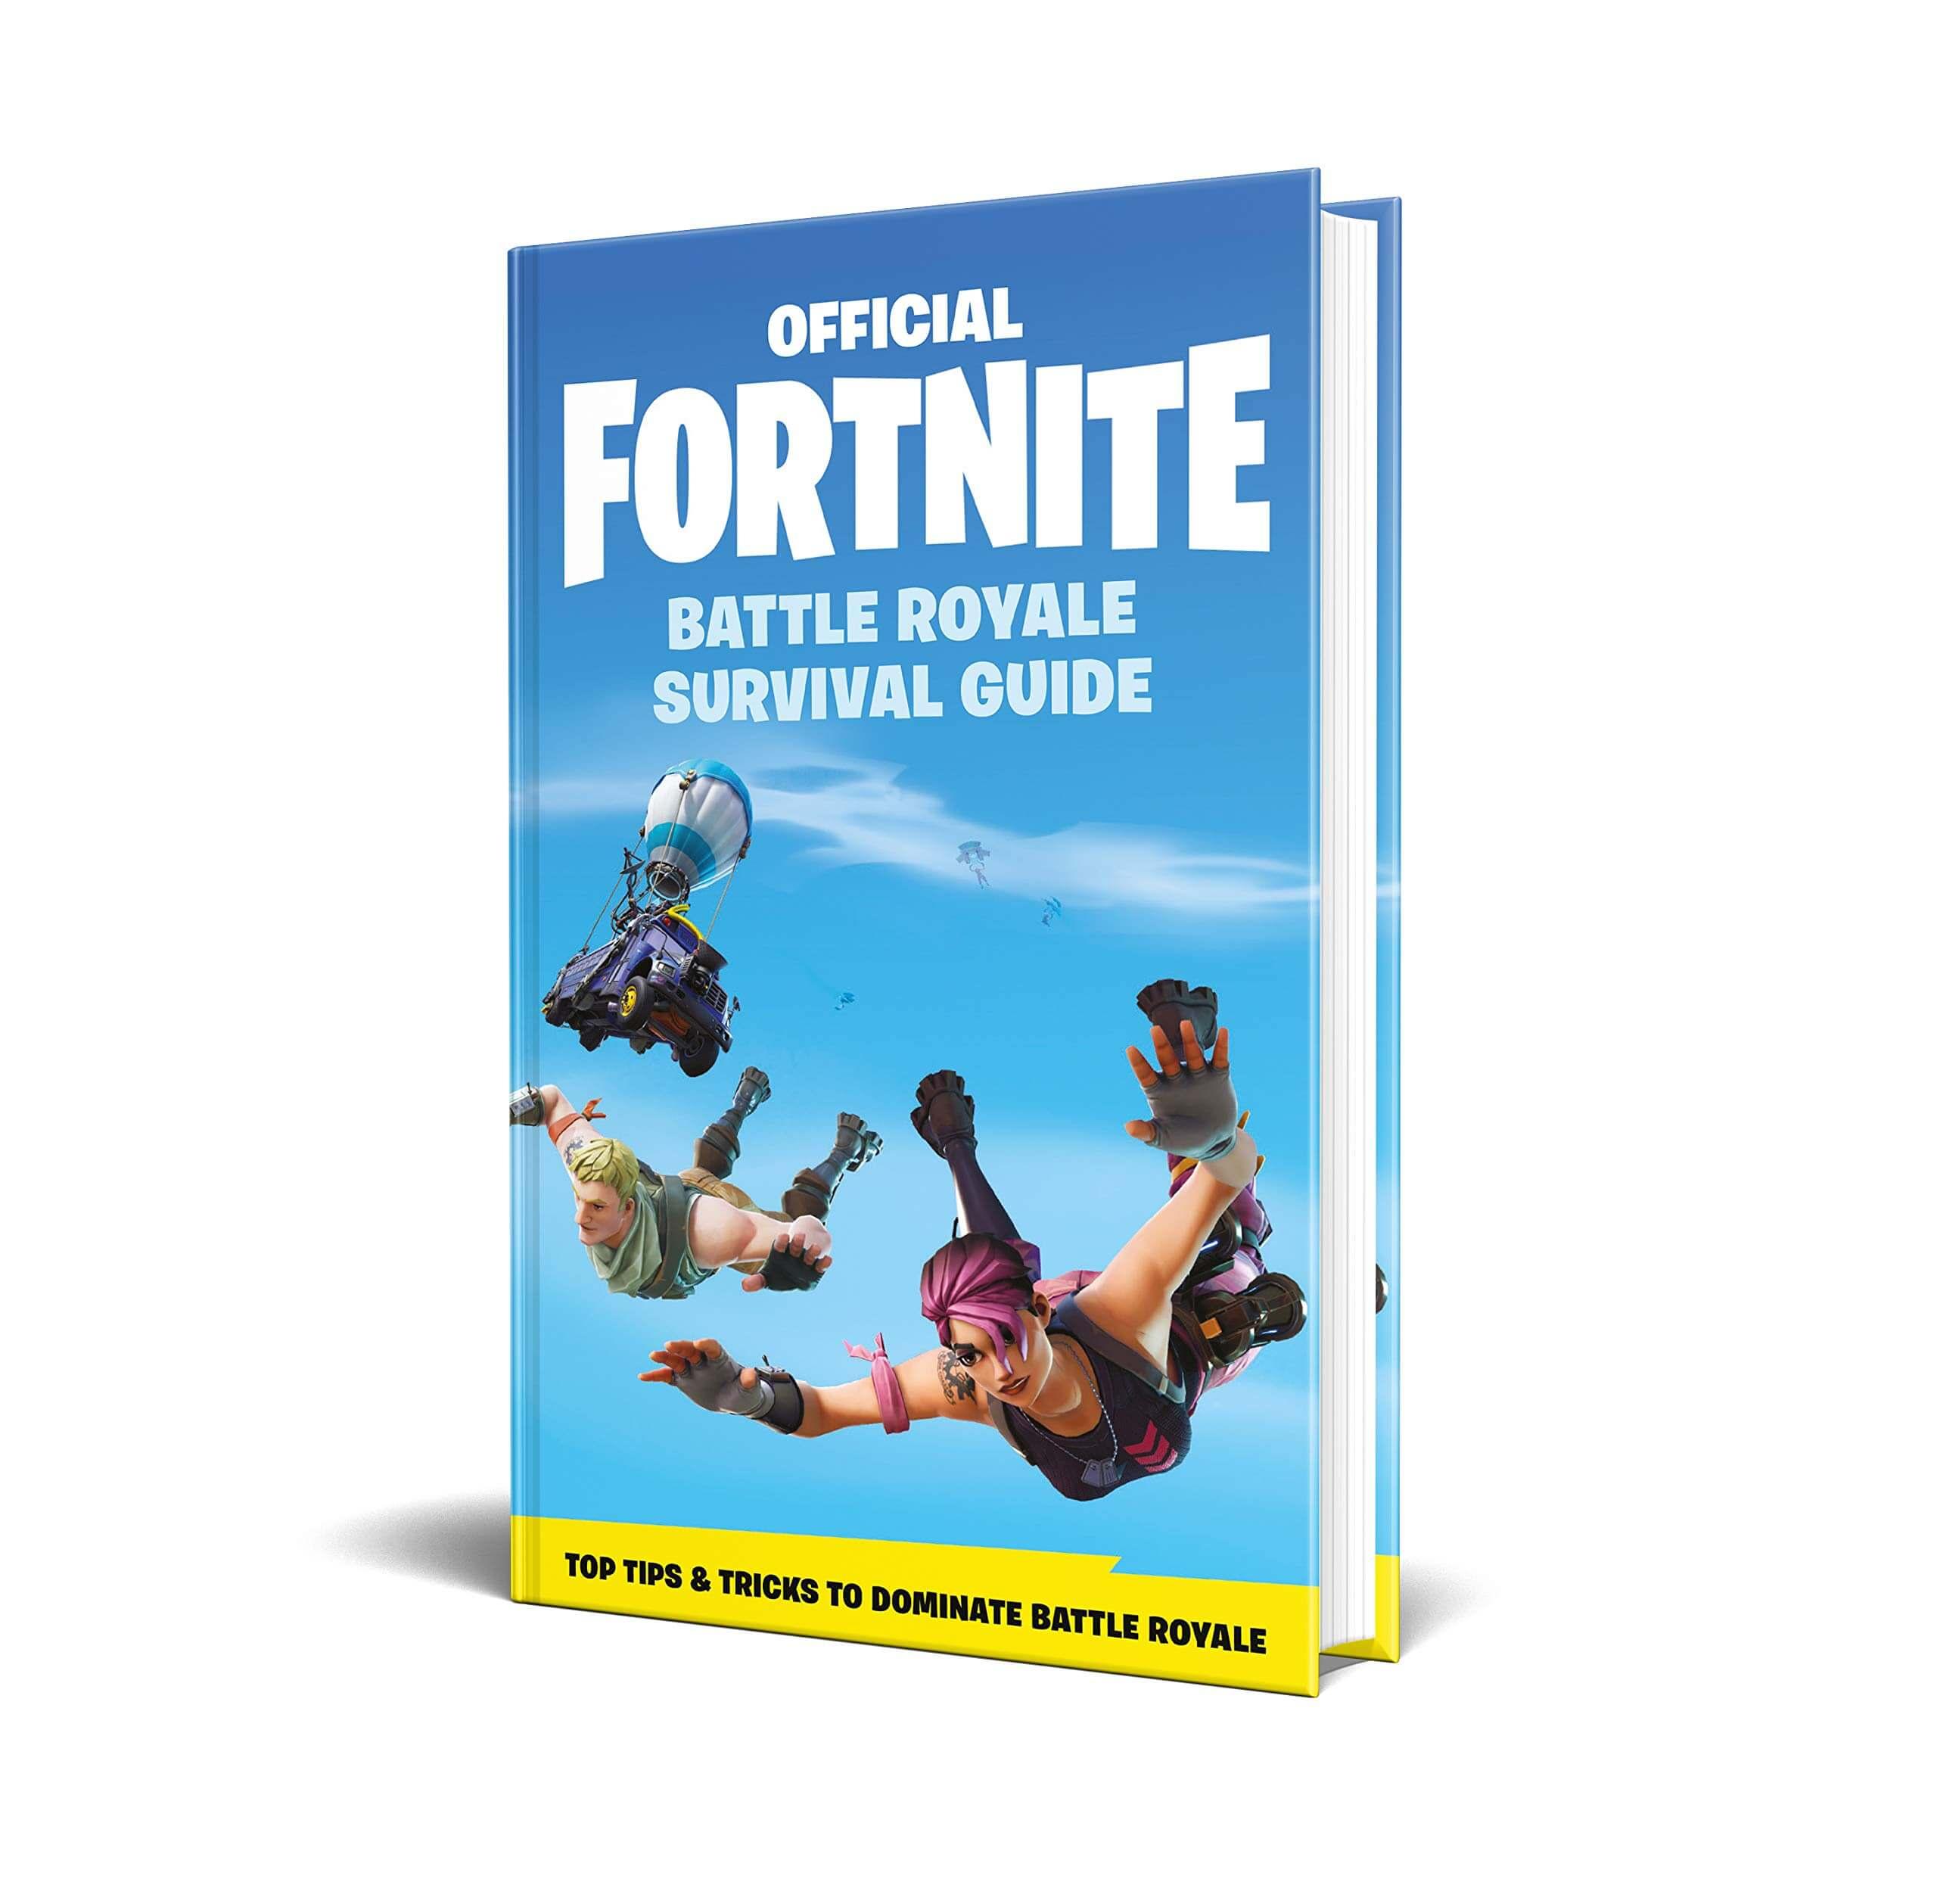 libro oficial fortnite